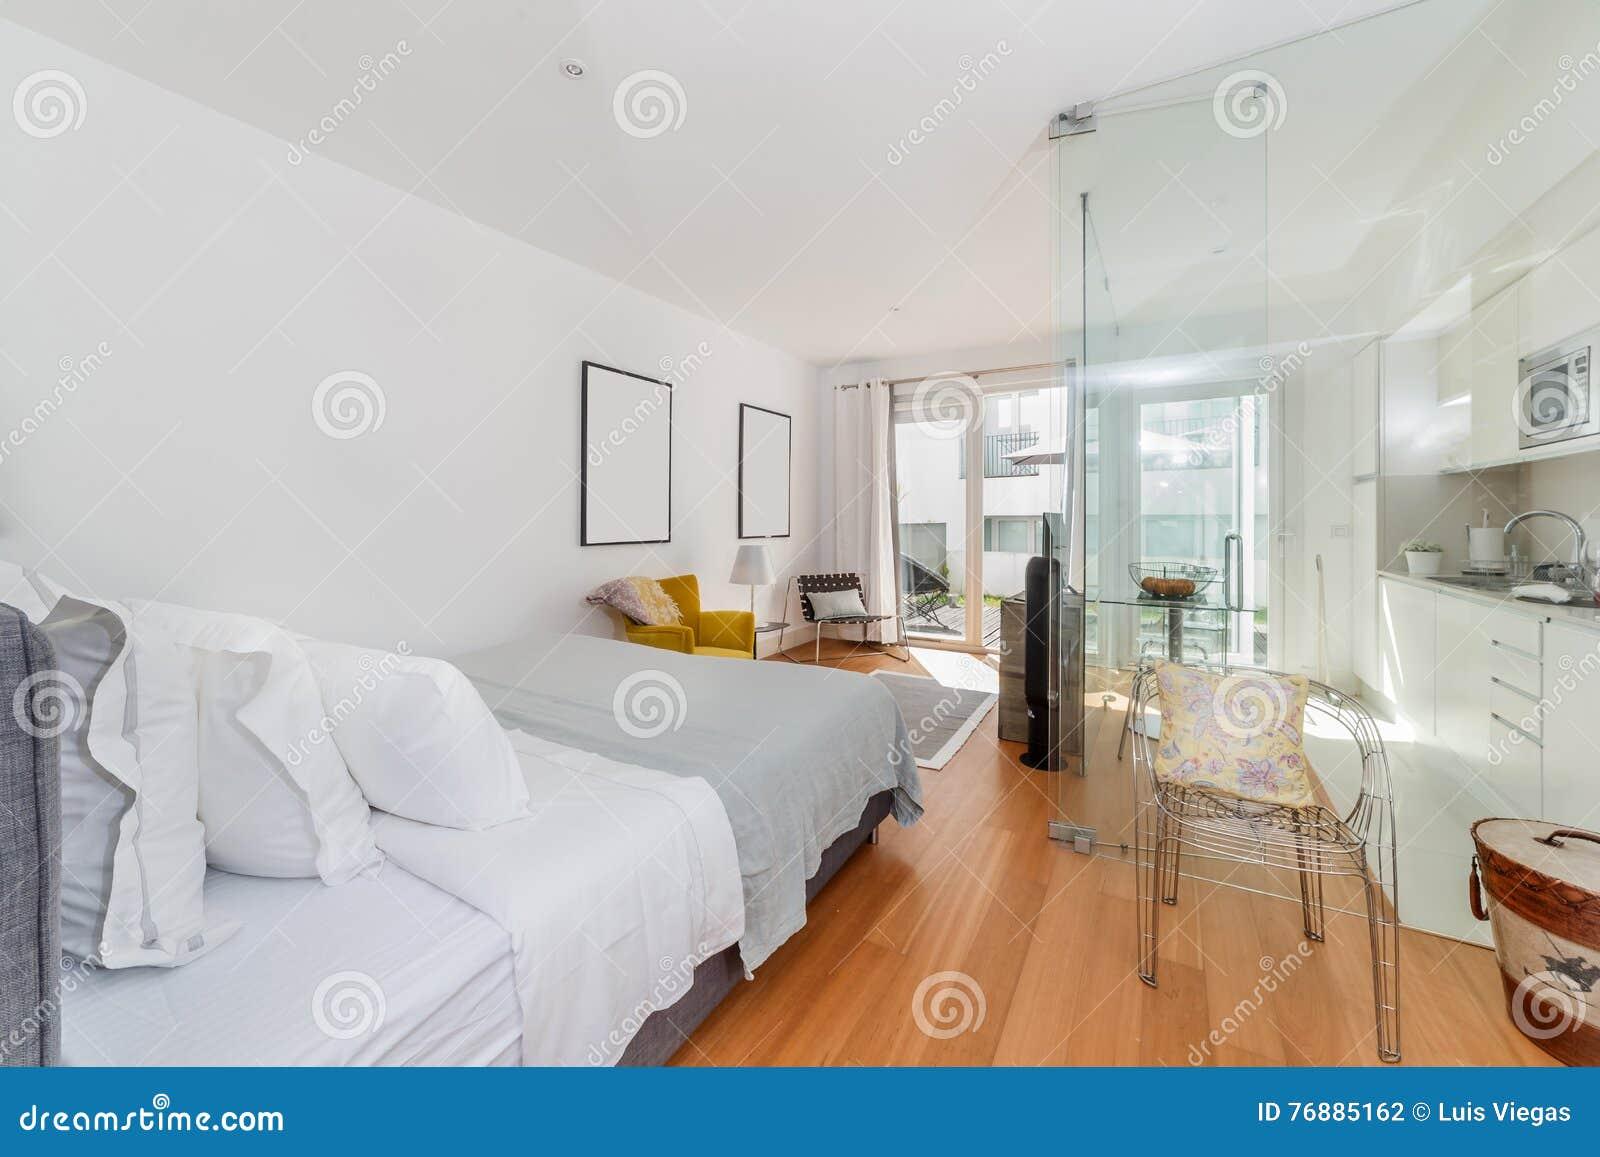 Maison Simple Moderne De Chambre à Coucher